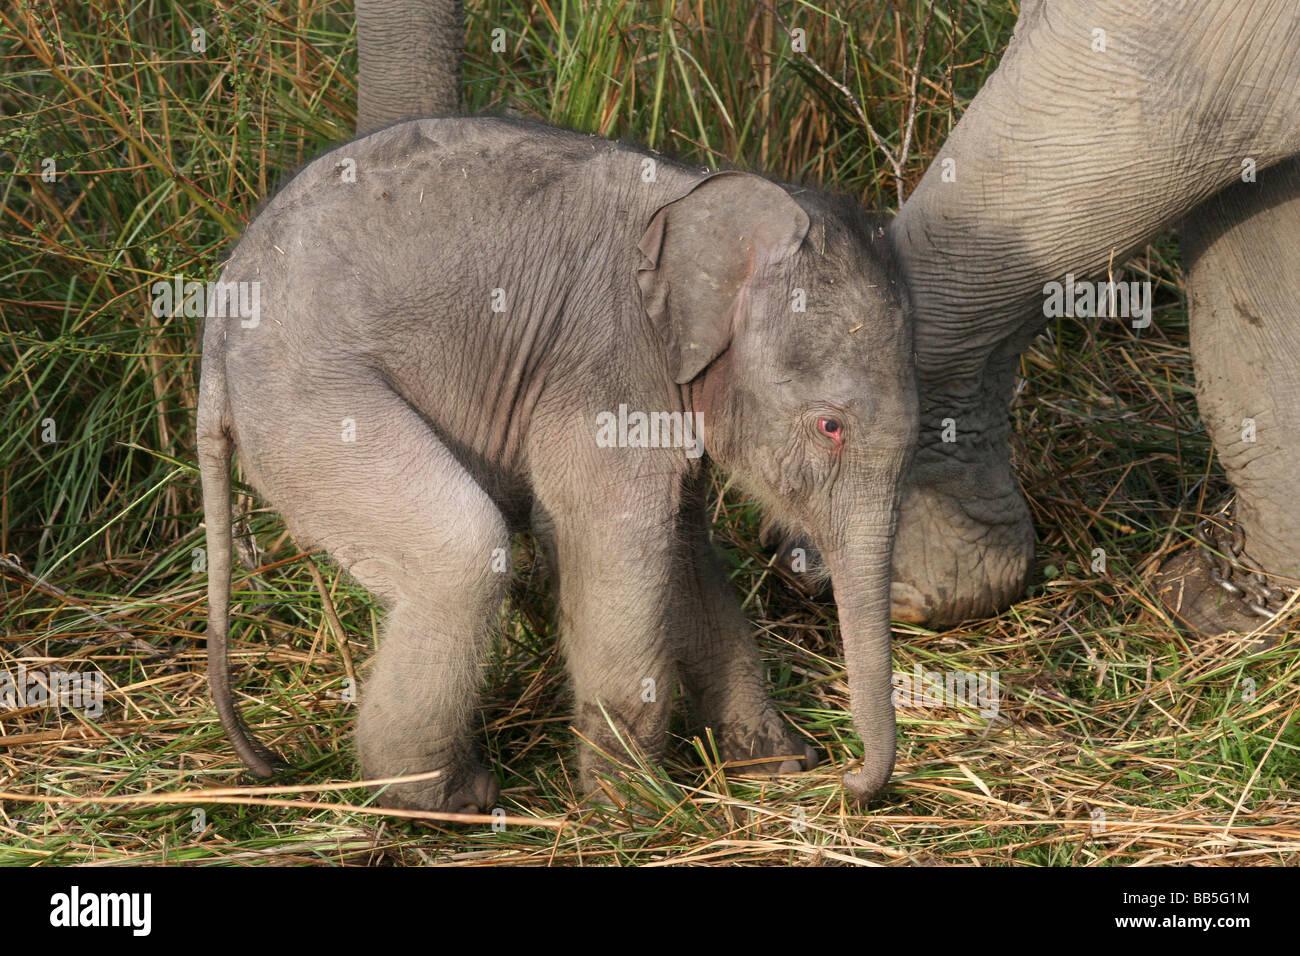 Three Day Old Indian Elephant Elephas maximus indicus Taken In Kaziranga National Park, Assam, India - Stock Image